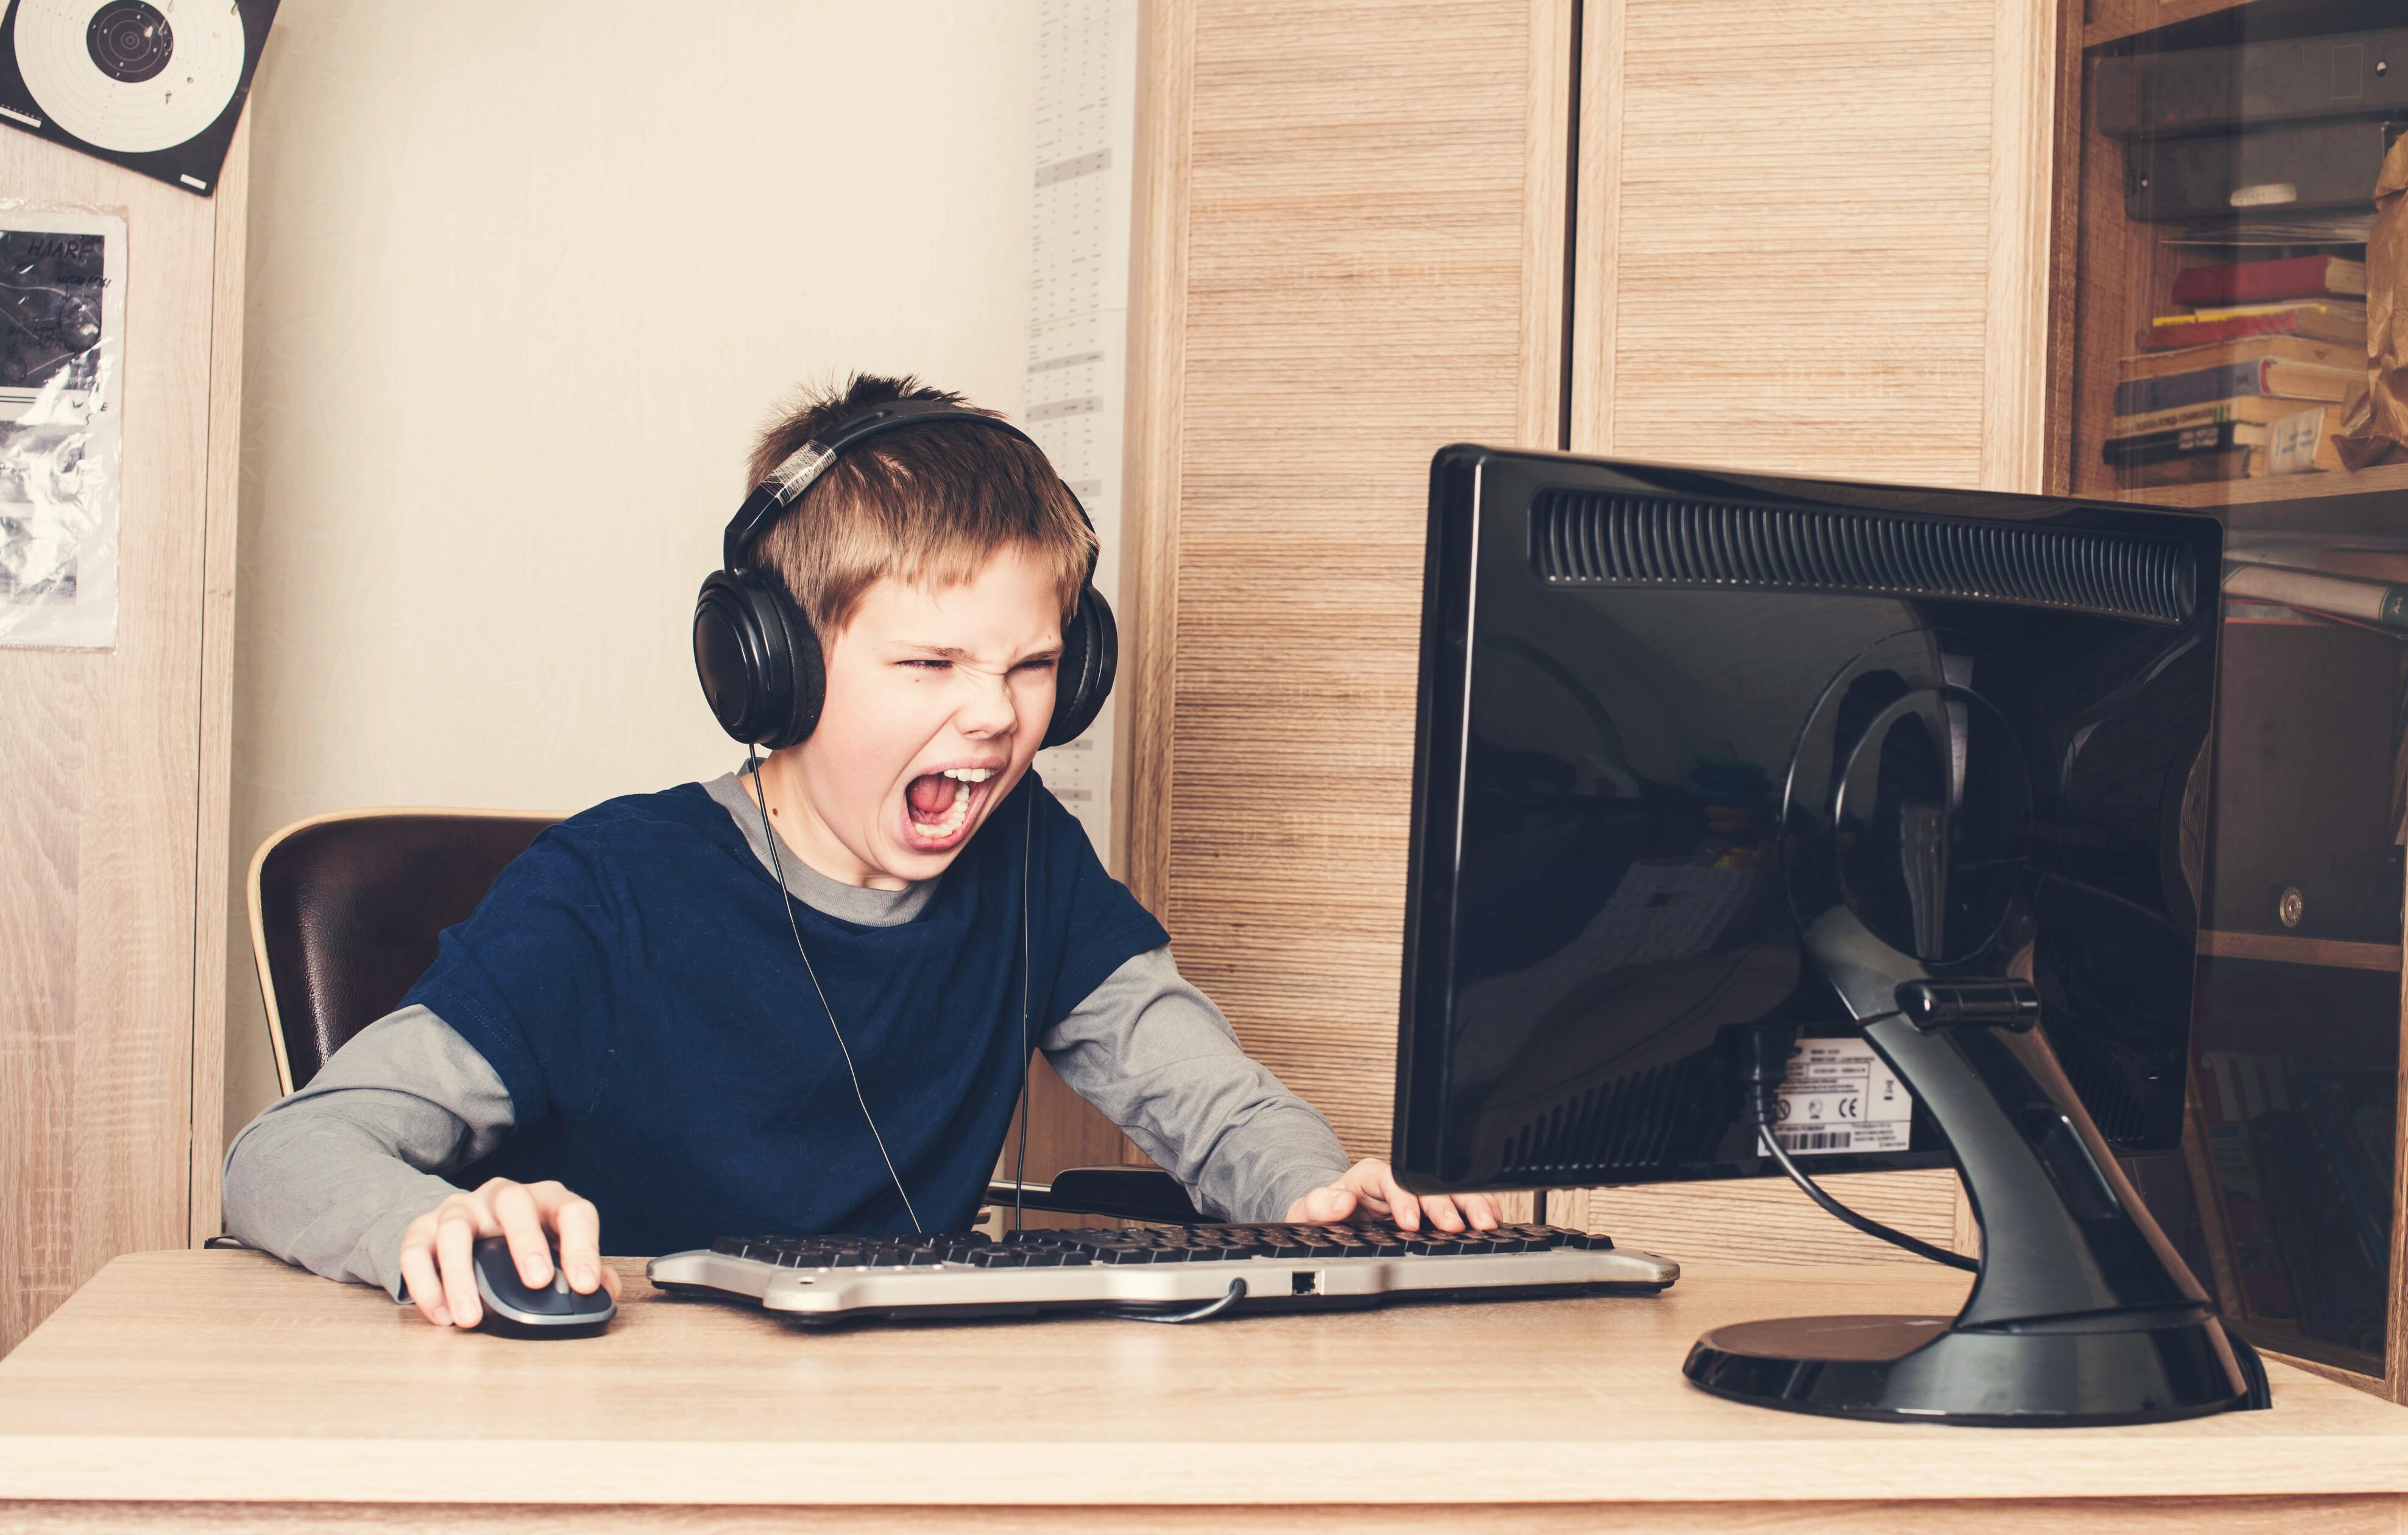 Spielsucht Pc Konsolen Online Games